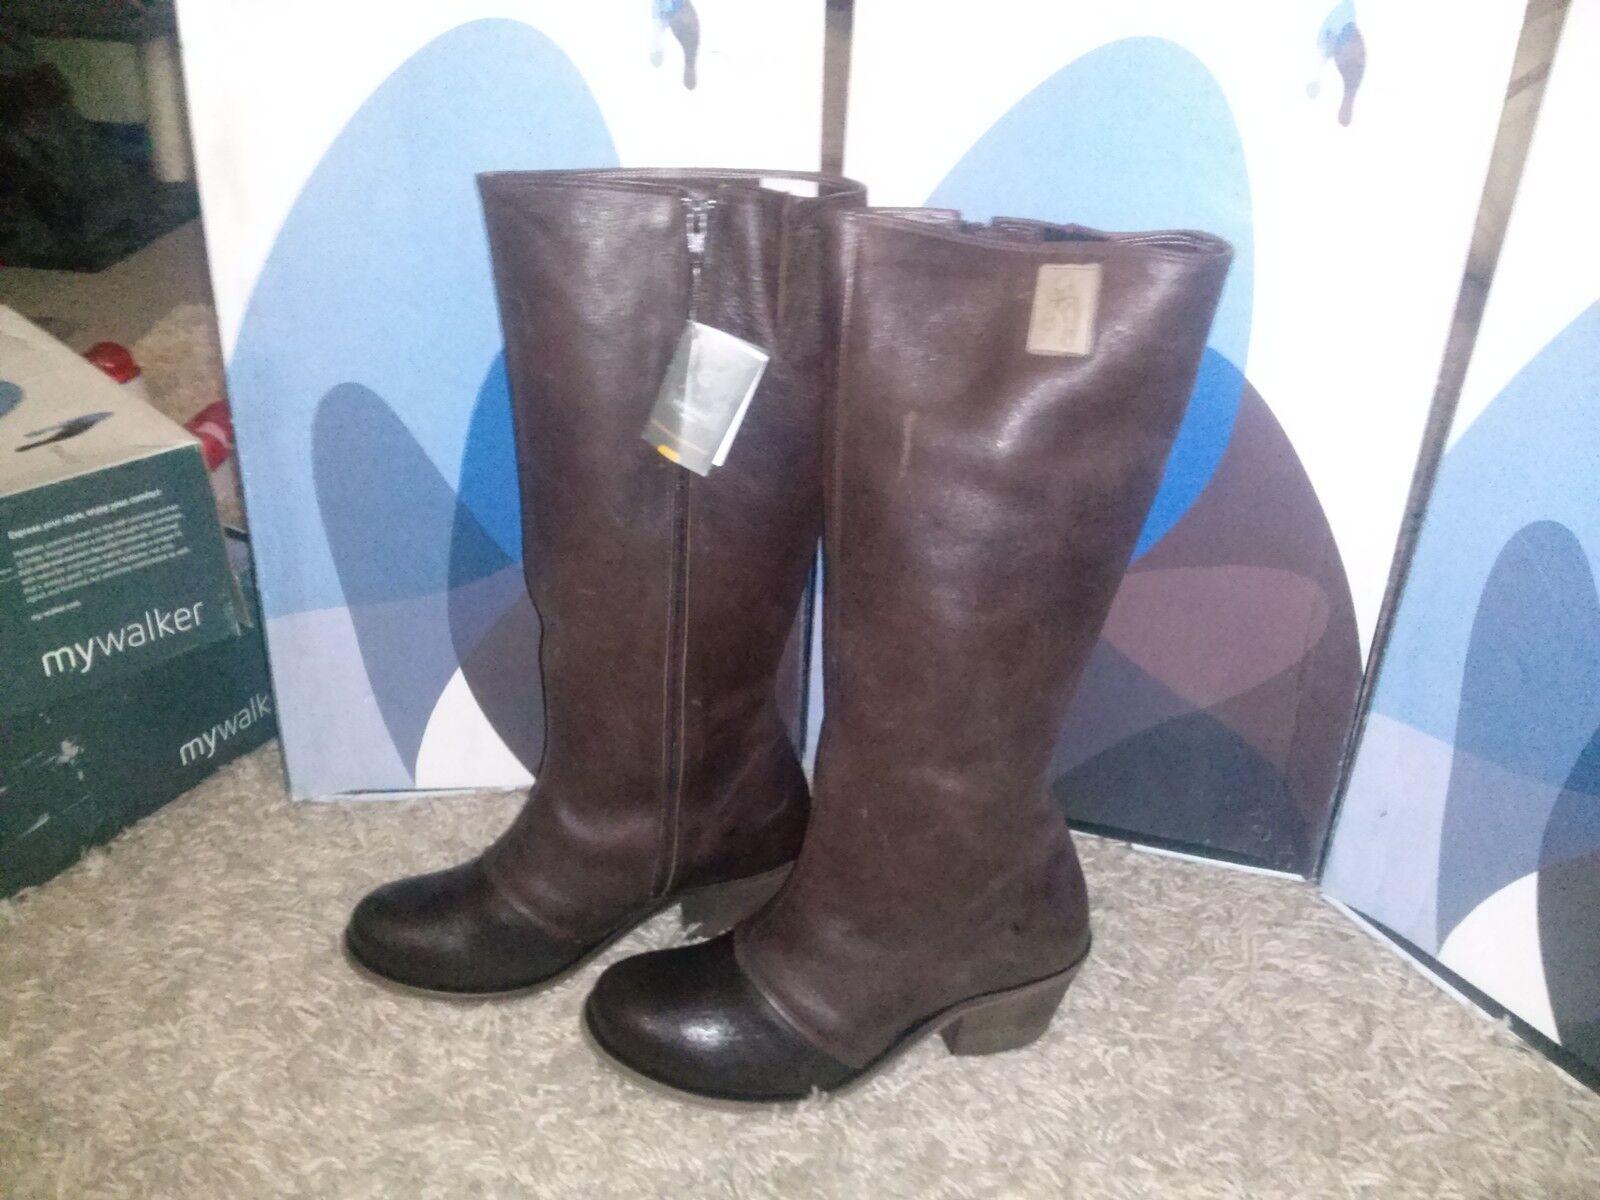 Zapatos especiales con descuento Damenstiefel Echtleder von mywalker dunkelbraun   UVP 219,95